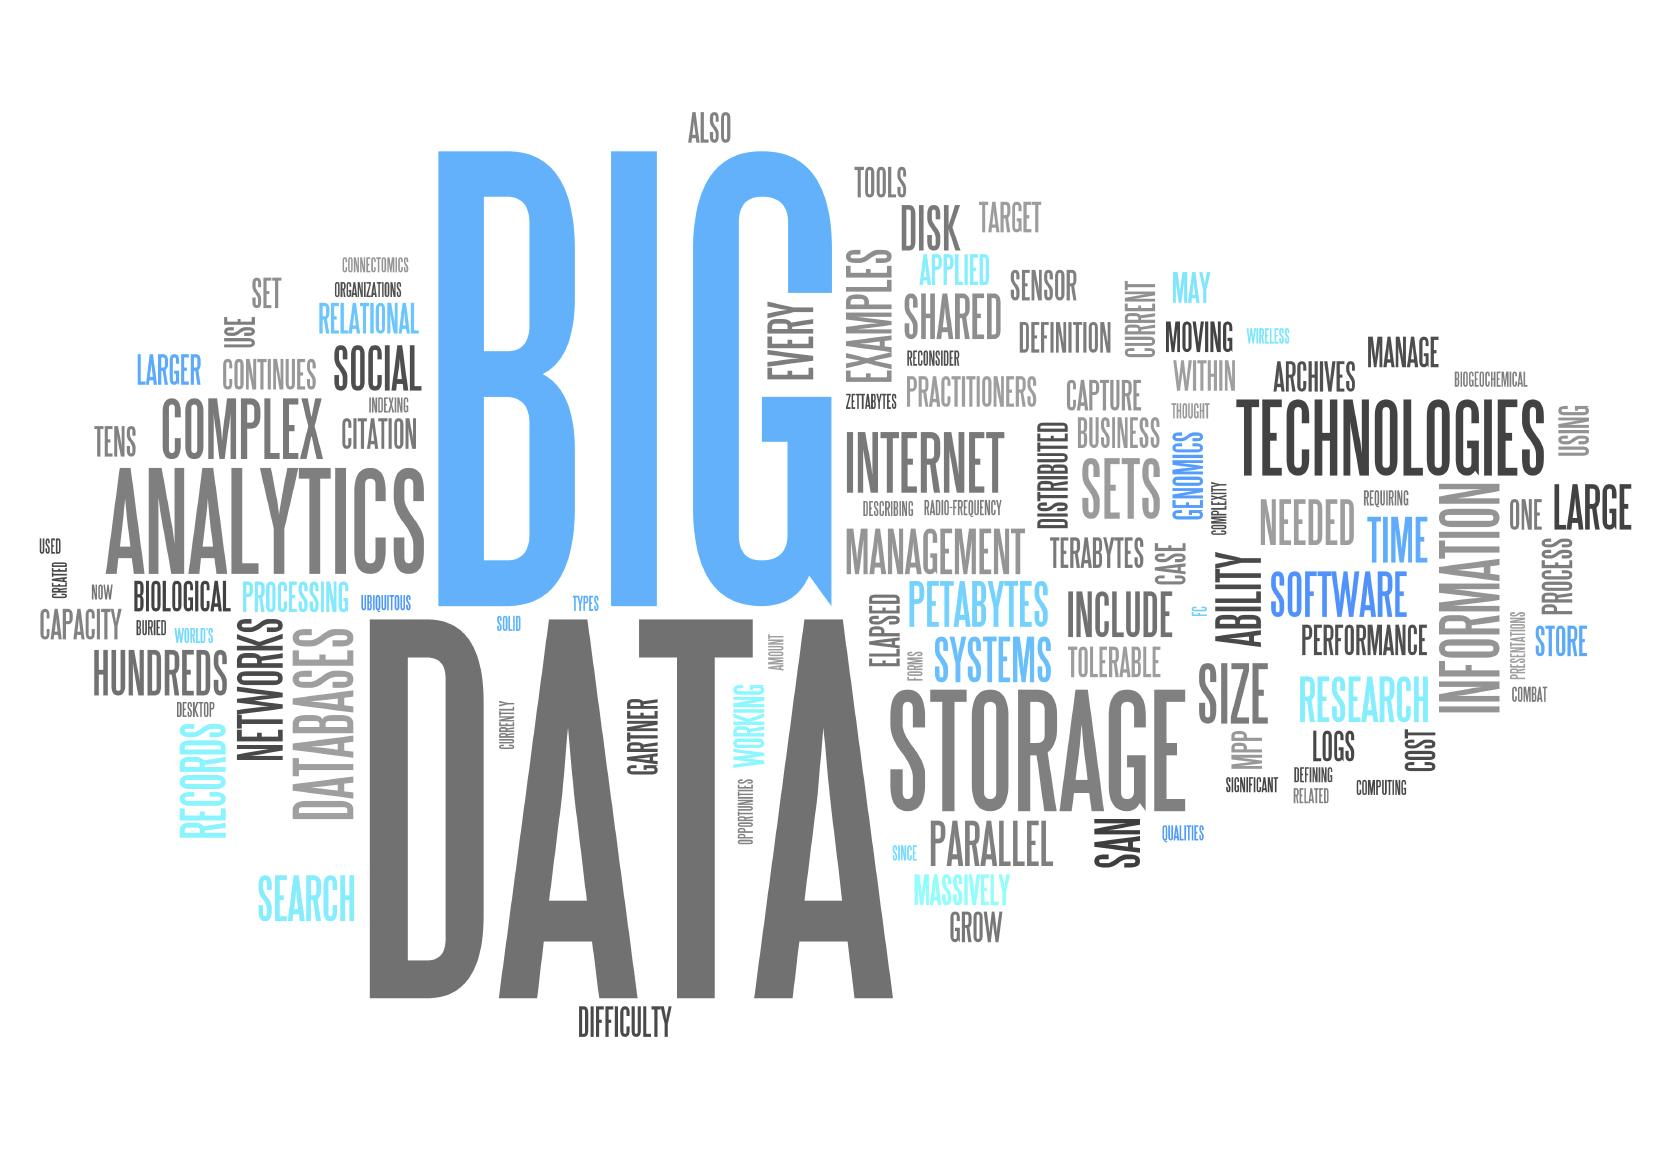 مثالهایی بر بیگدیتا (Big data)